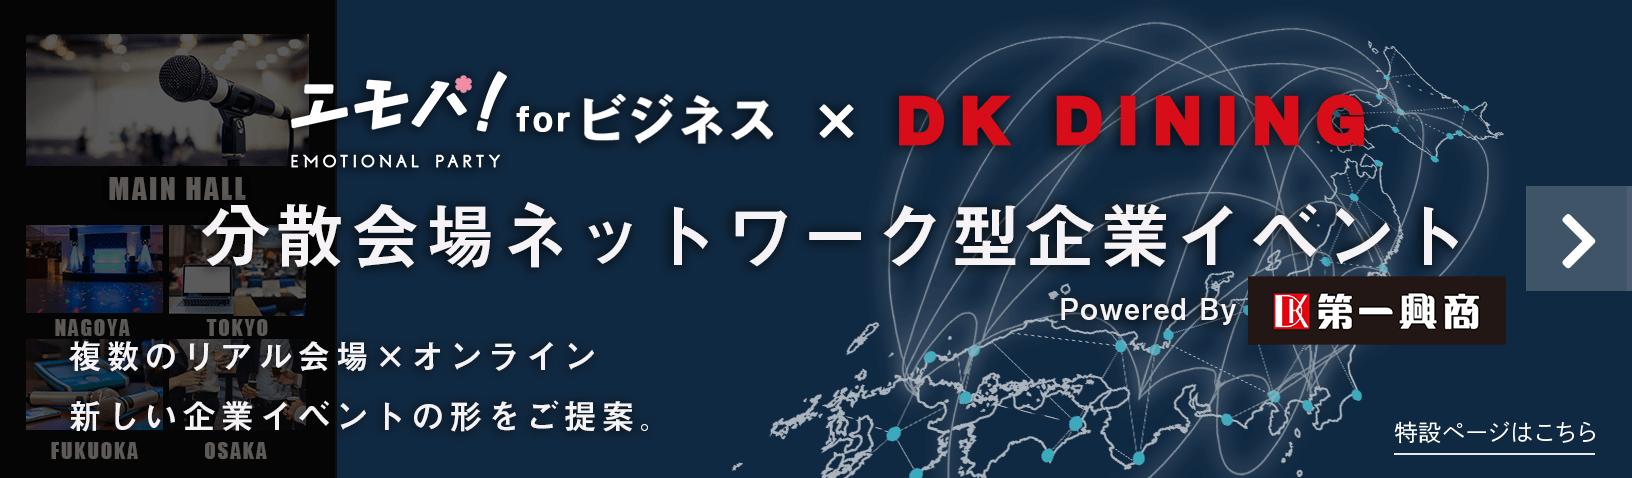 エモパ!forビジネス × 第一興商  分散会場ネットワーク型企業イベント